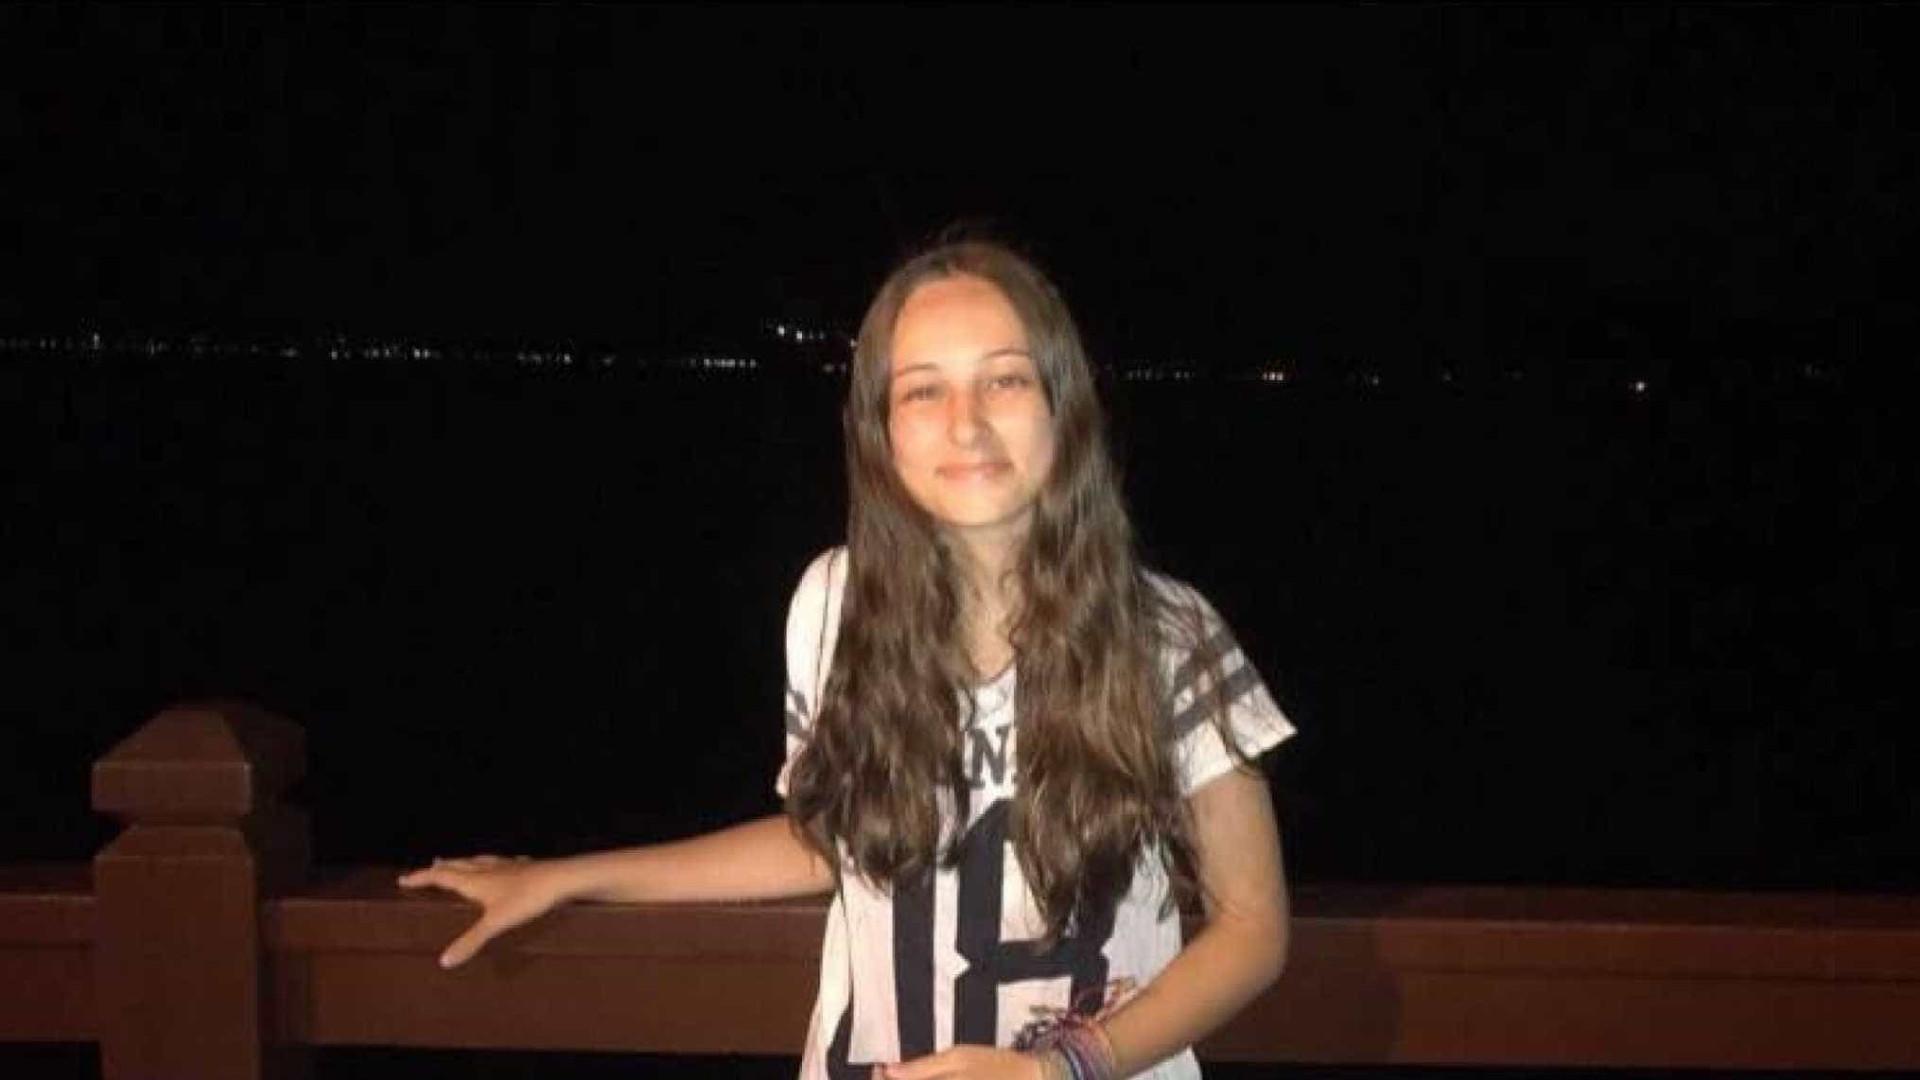 Estudante brasileira de 15 anos morre atropelada no Canadá